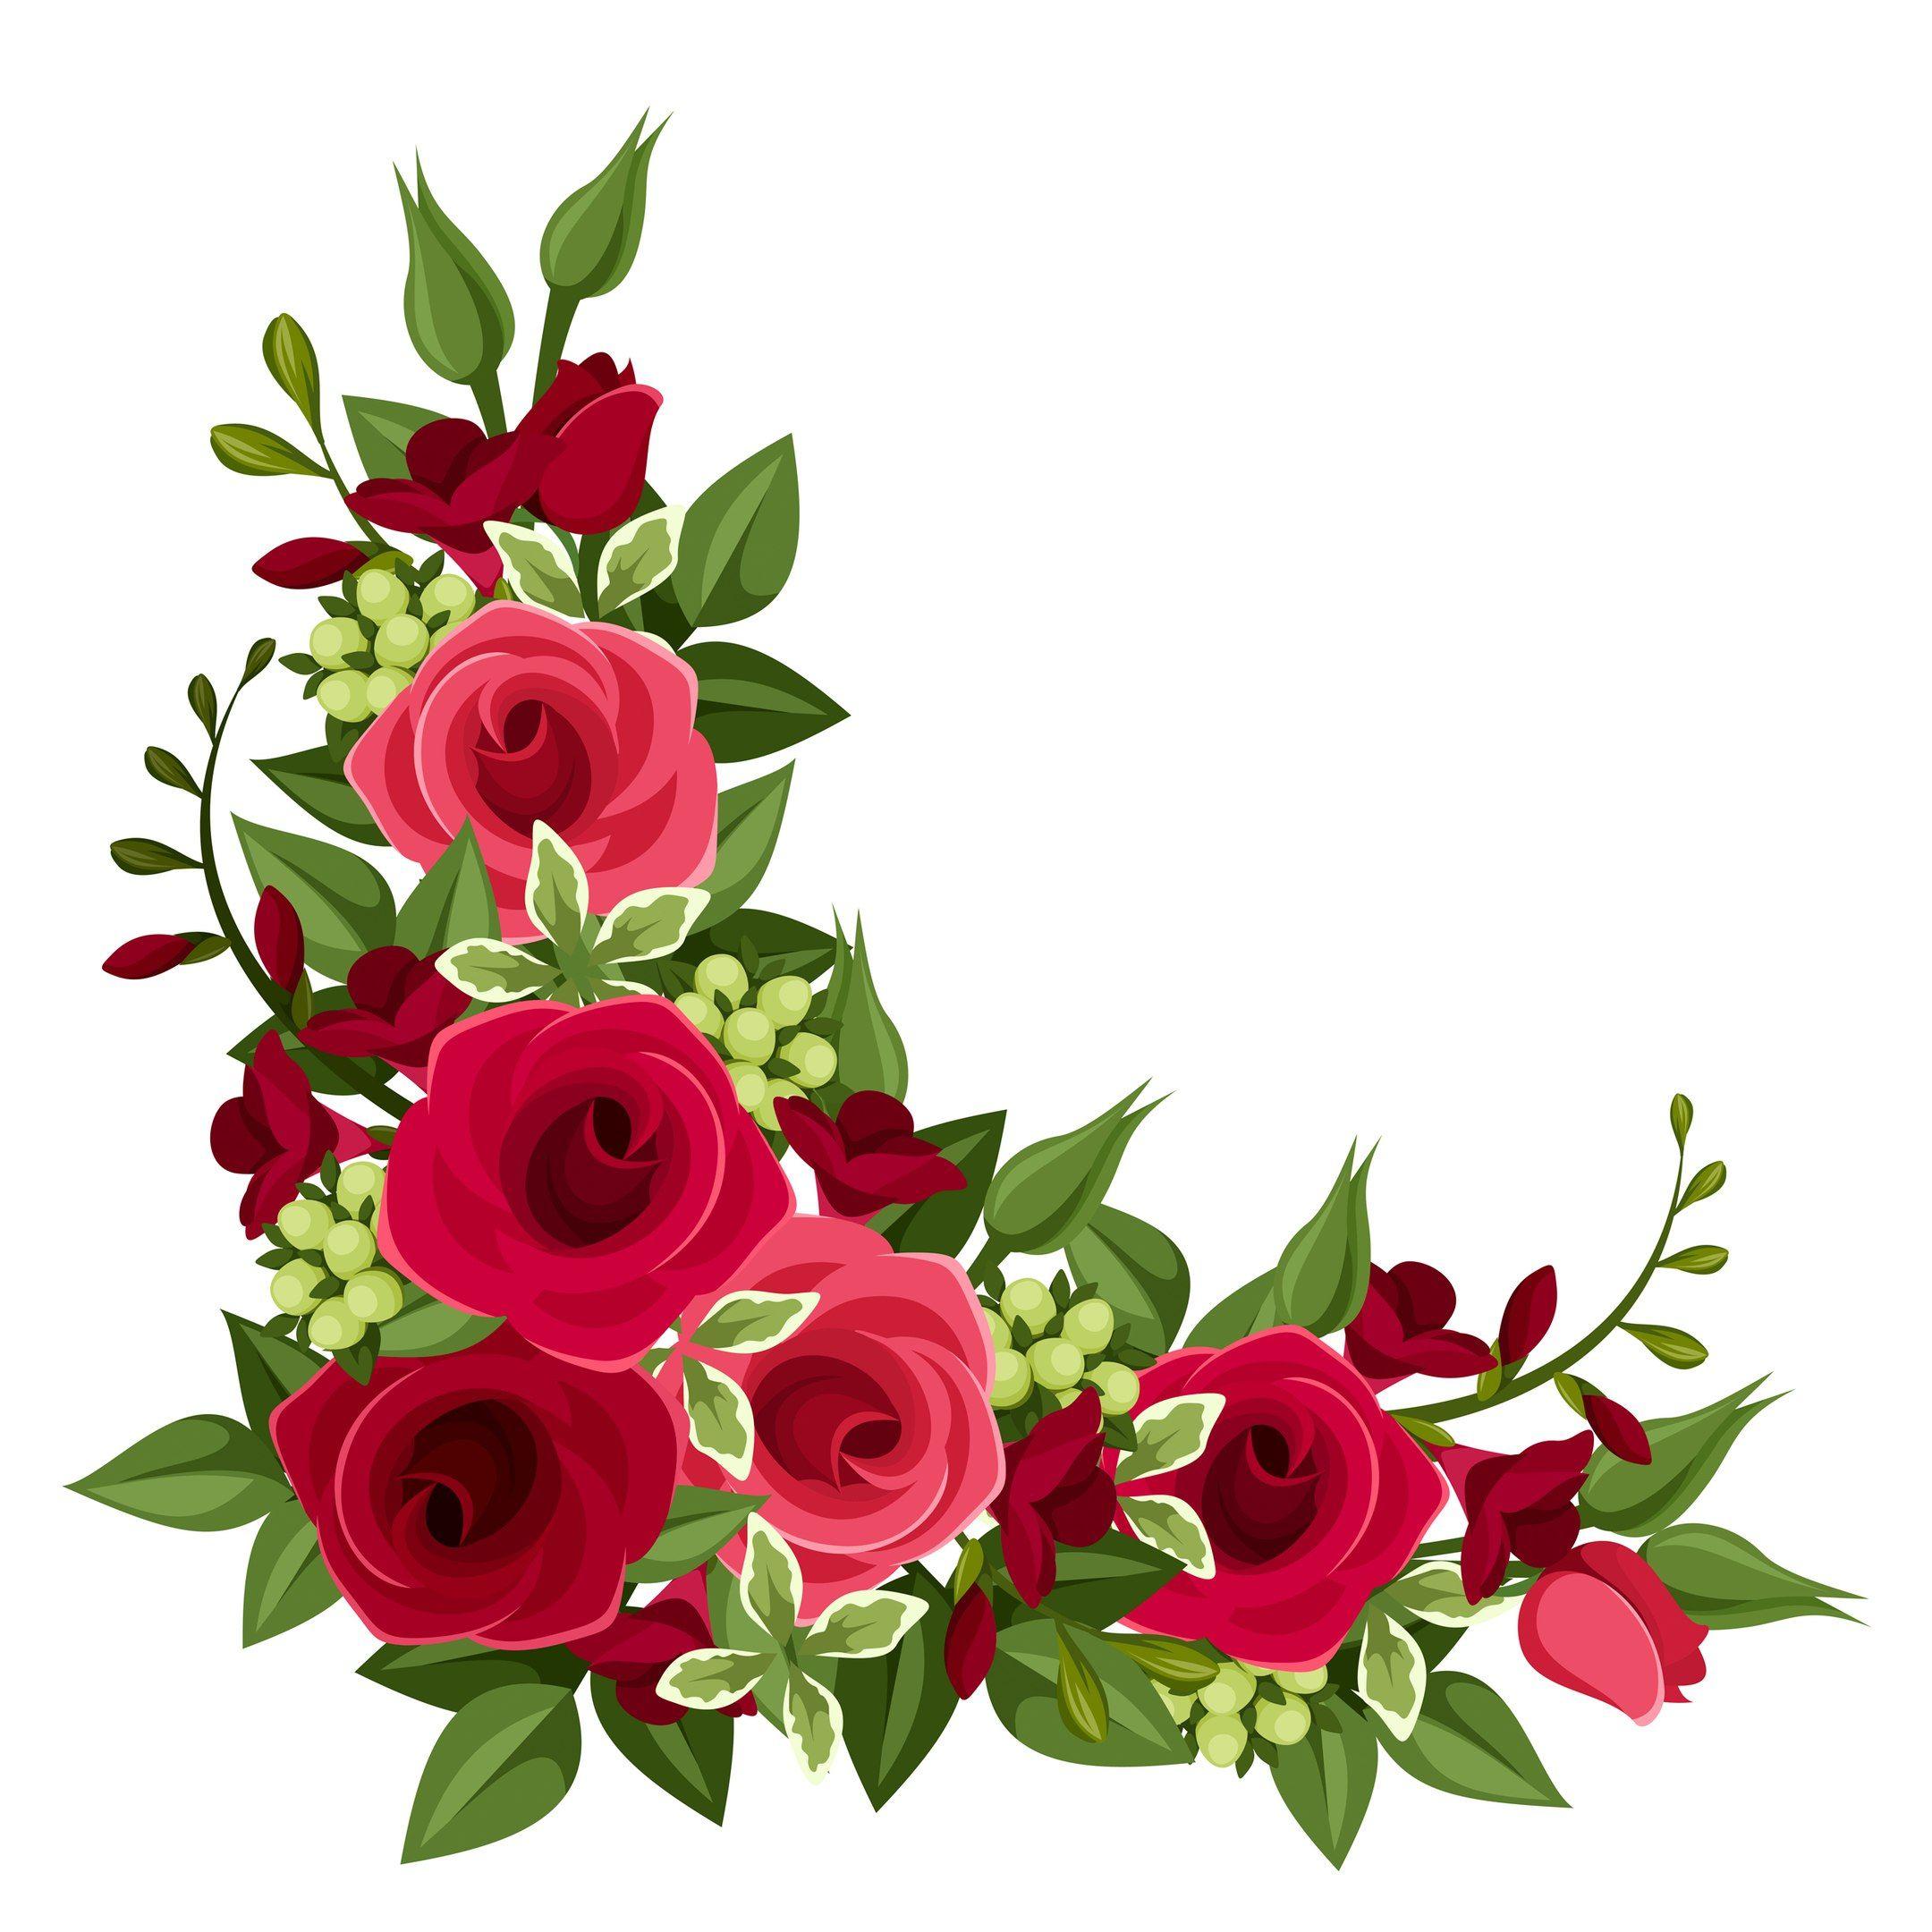 VECTOR, JPEG, PNG, ШРИФТЫ | Высечки | Pinterest for Vector Rose Flower Png  186ref